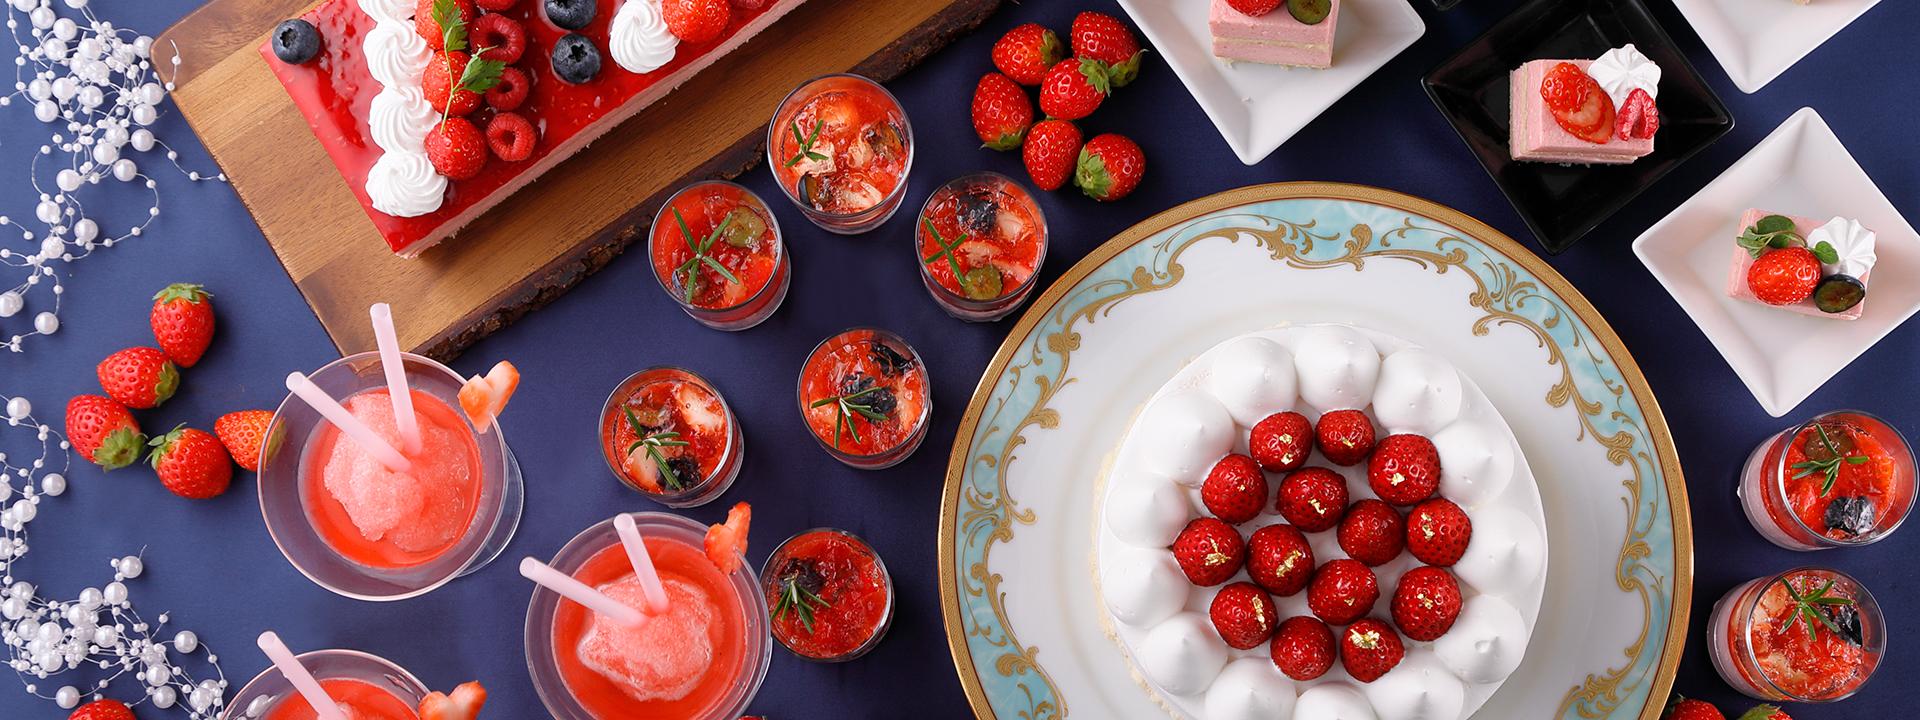 旬のいちごを贅沢に楽しめる「ナイトスイーツブッフェ ~Strawberry Hunt~」が開催! - restaurant grindelwald plan43022 img01